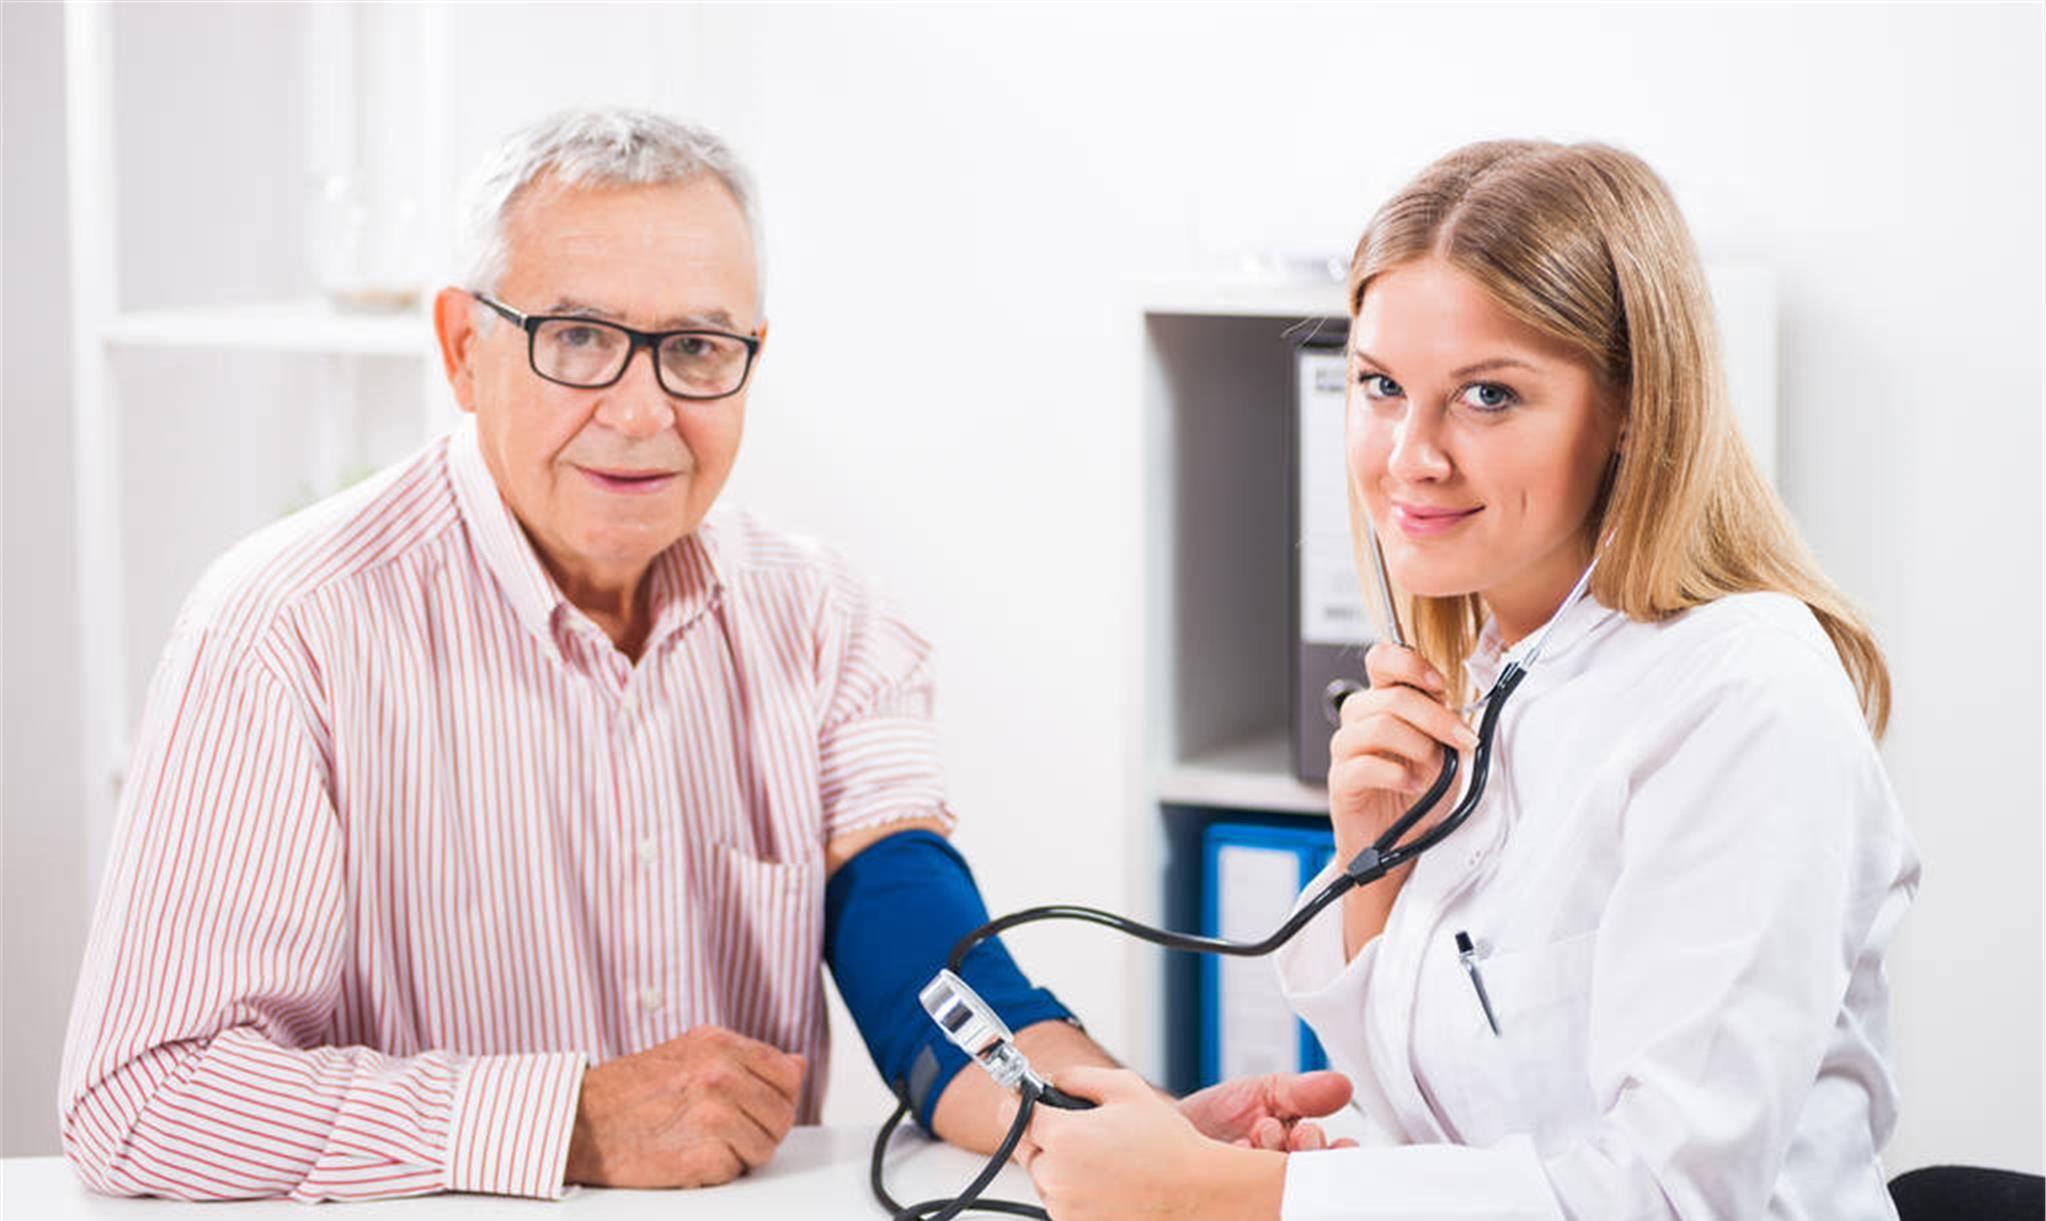 补阳降热治高血压  永远断根的高血压偏方